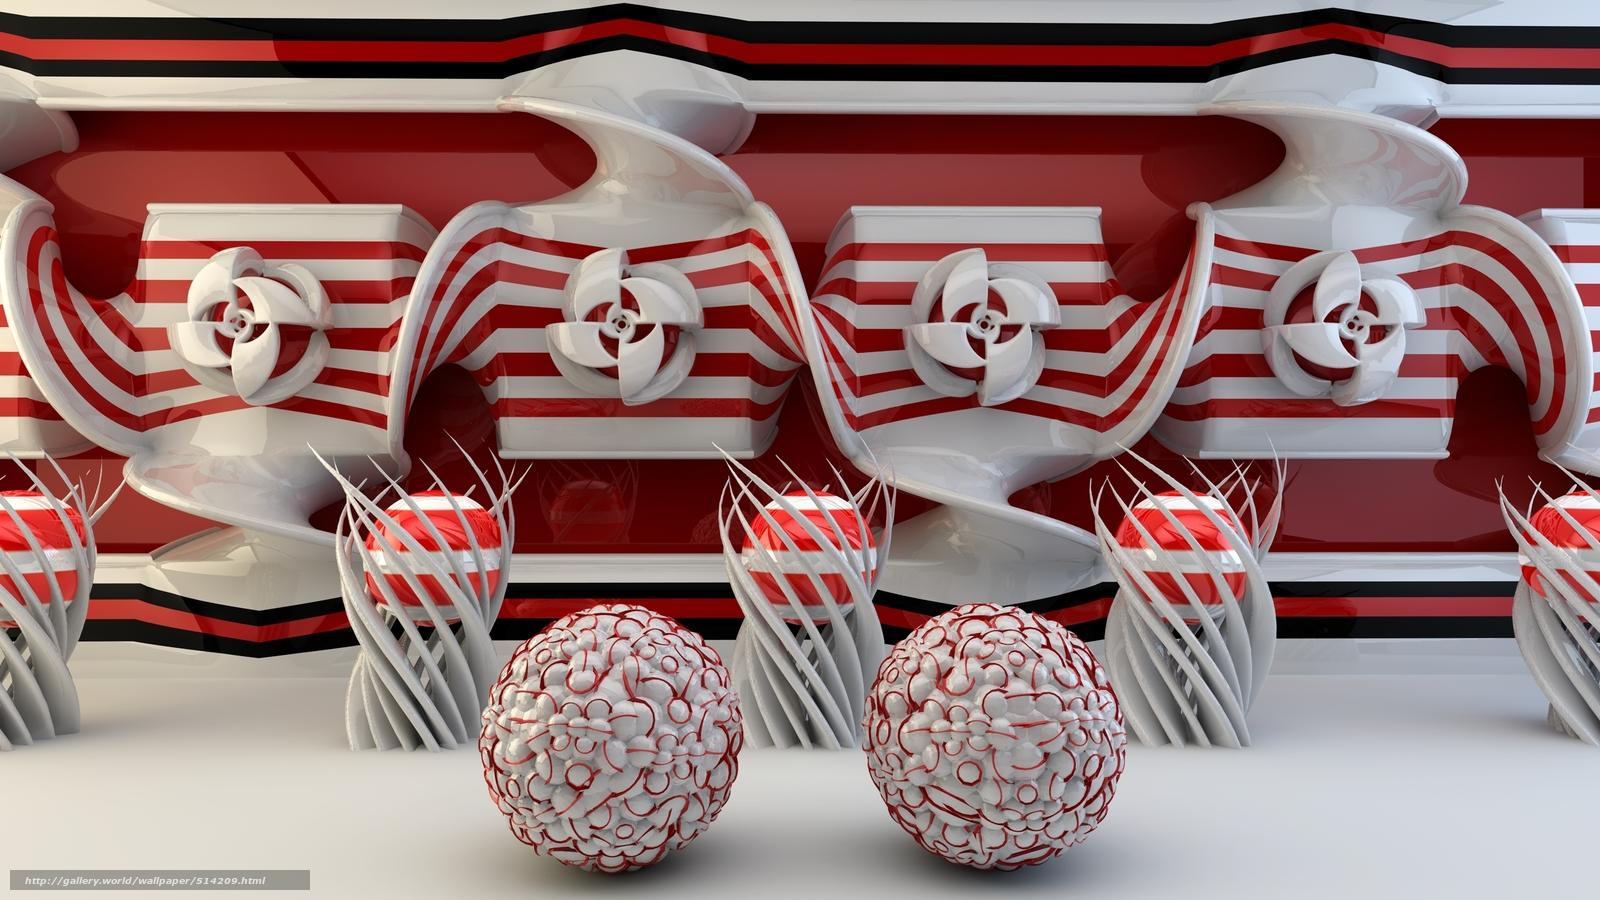 Descargar gratis fractales primas,  3d,  arte Fondos de escritorio en la resolucin 2500x1406 — imagen №514209